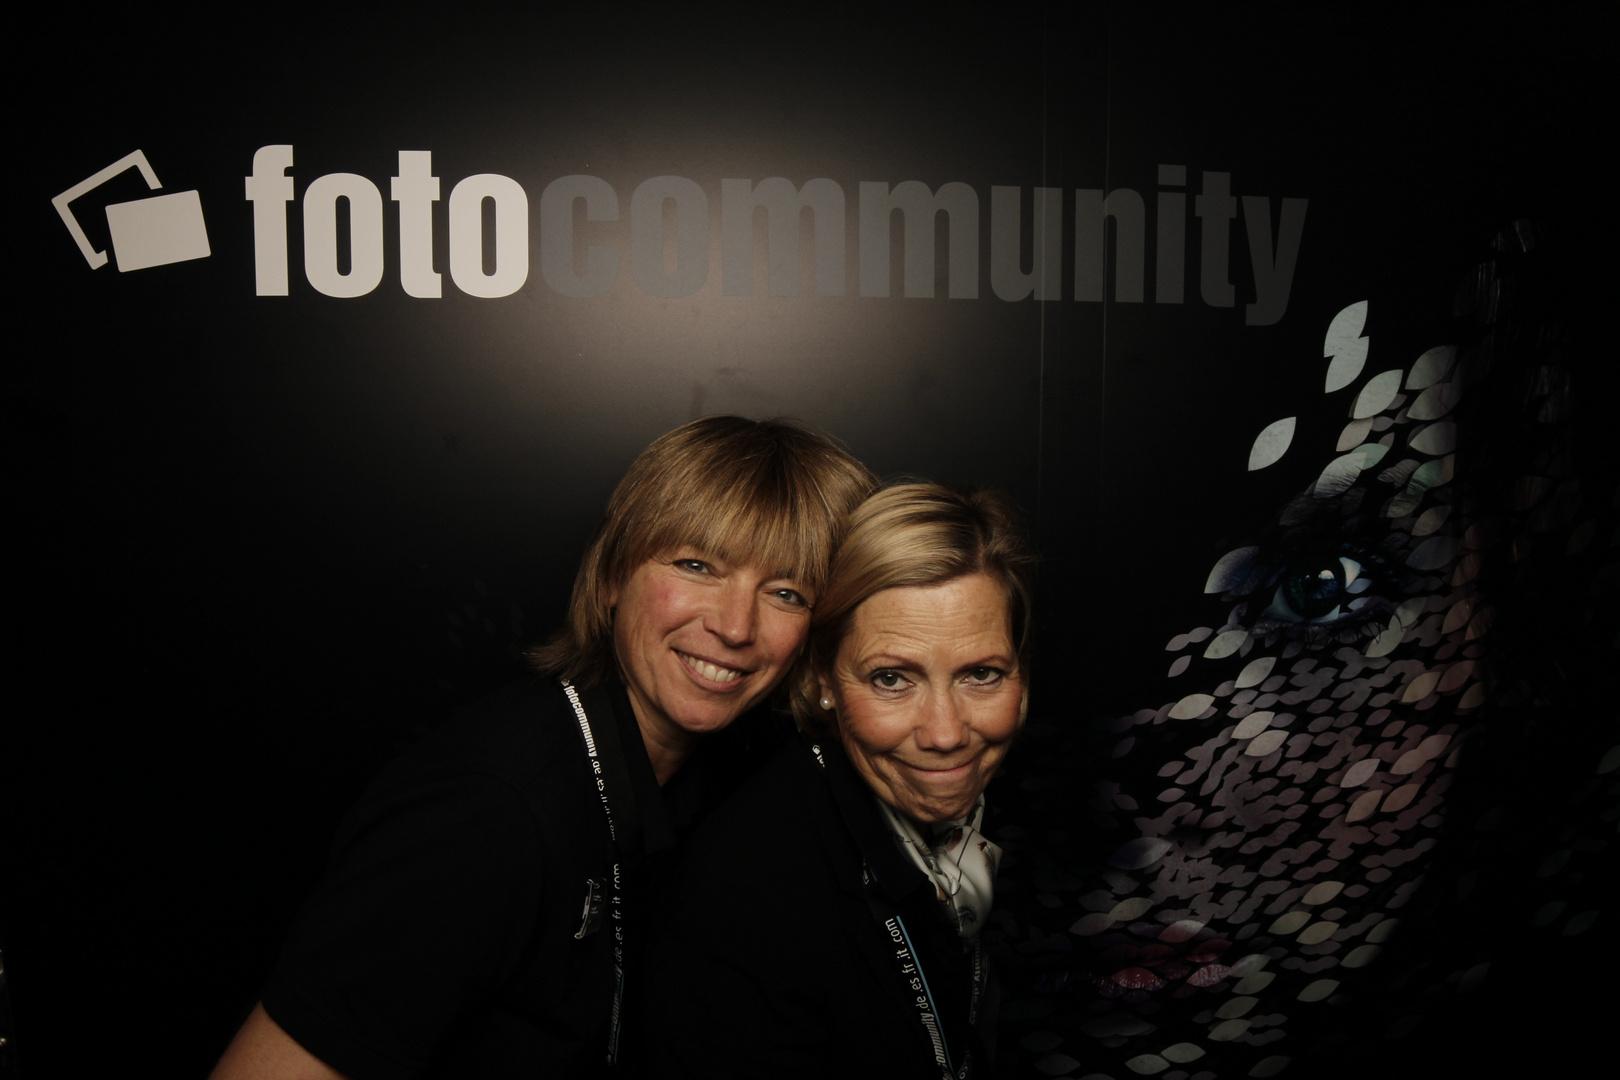 Die fotocommunity Ladies